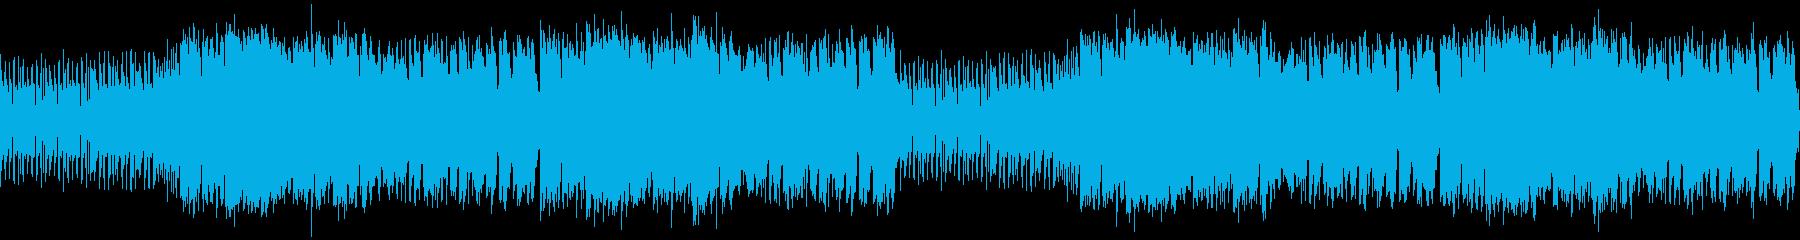 スピード感 躍動的サックスジャズビート の再生済みの波形